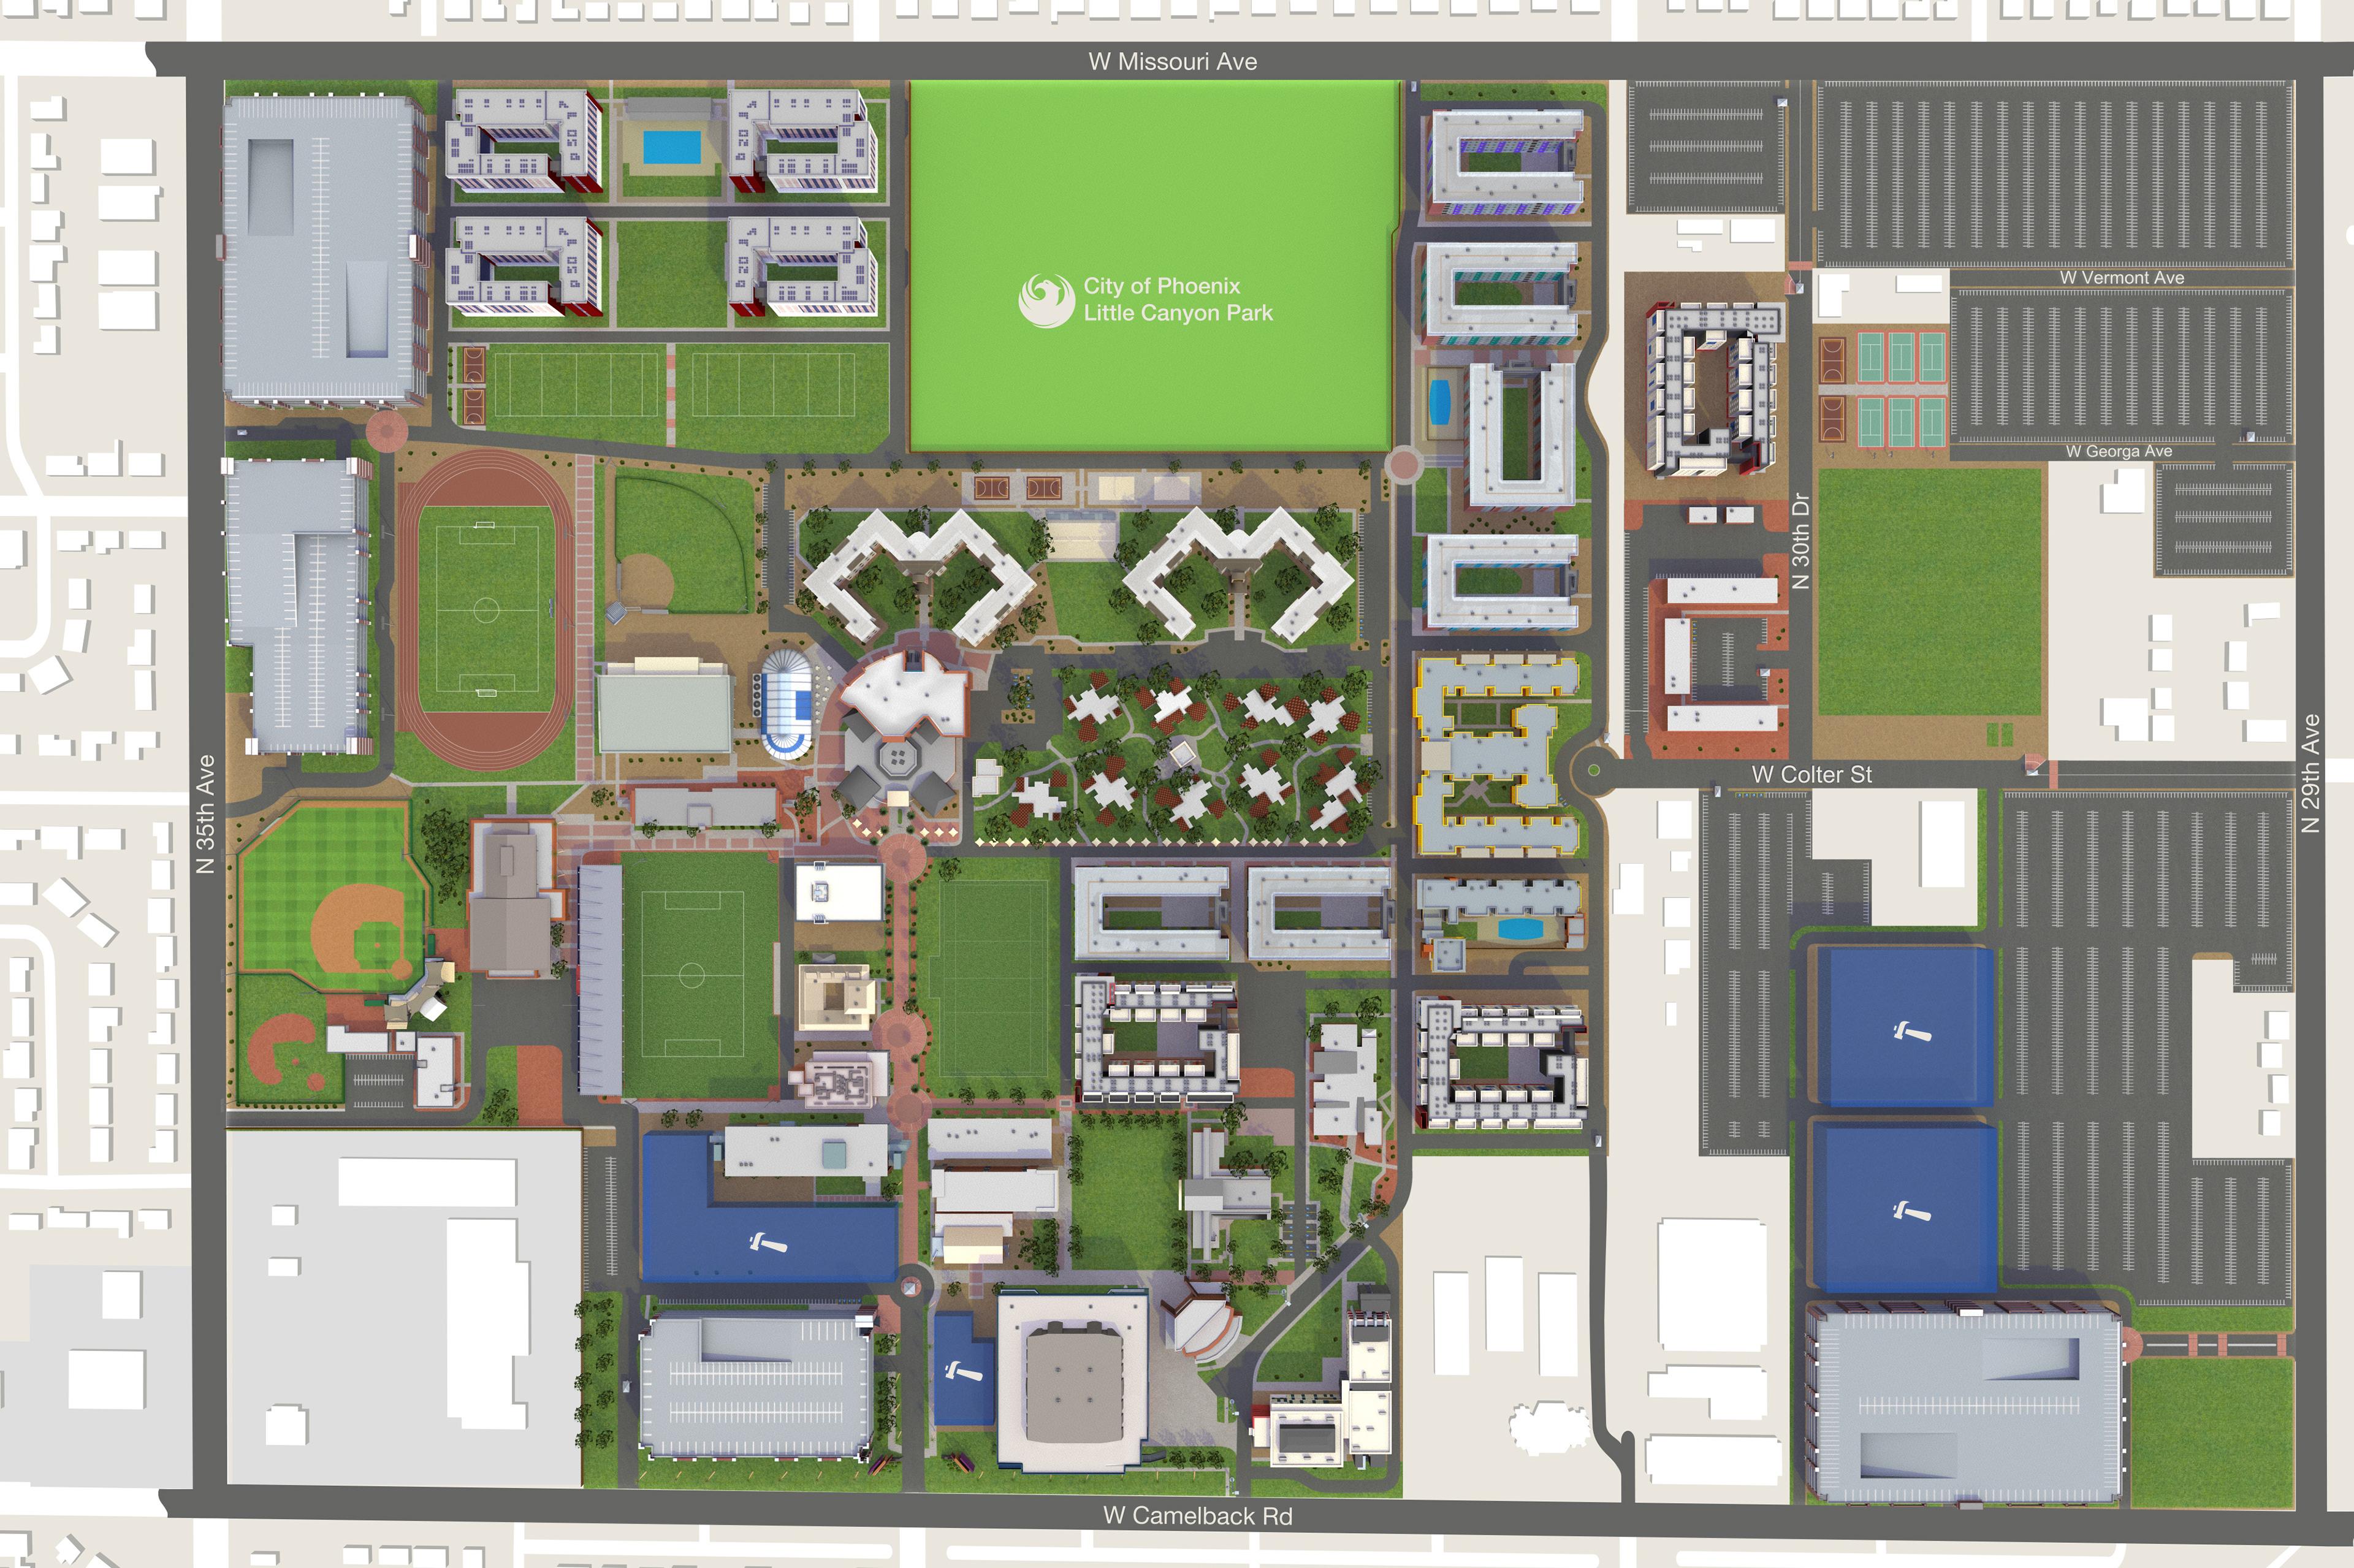 Gcu Campus Map GCU Interactive Campus Map on Behance Gcu Campus Map